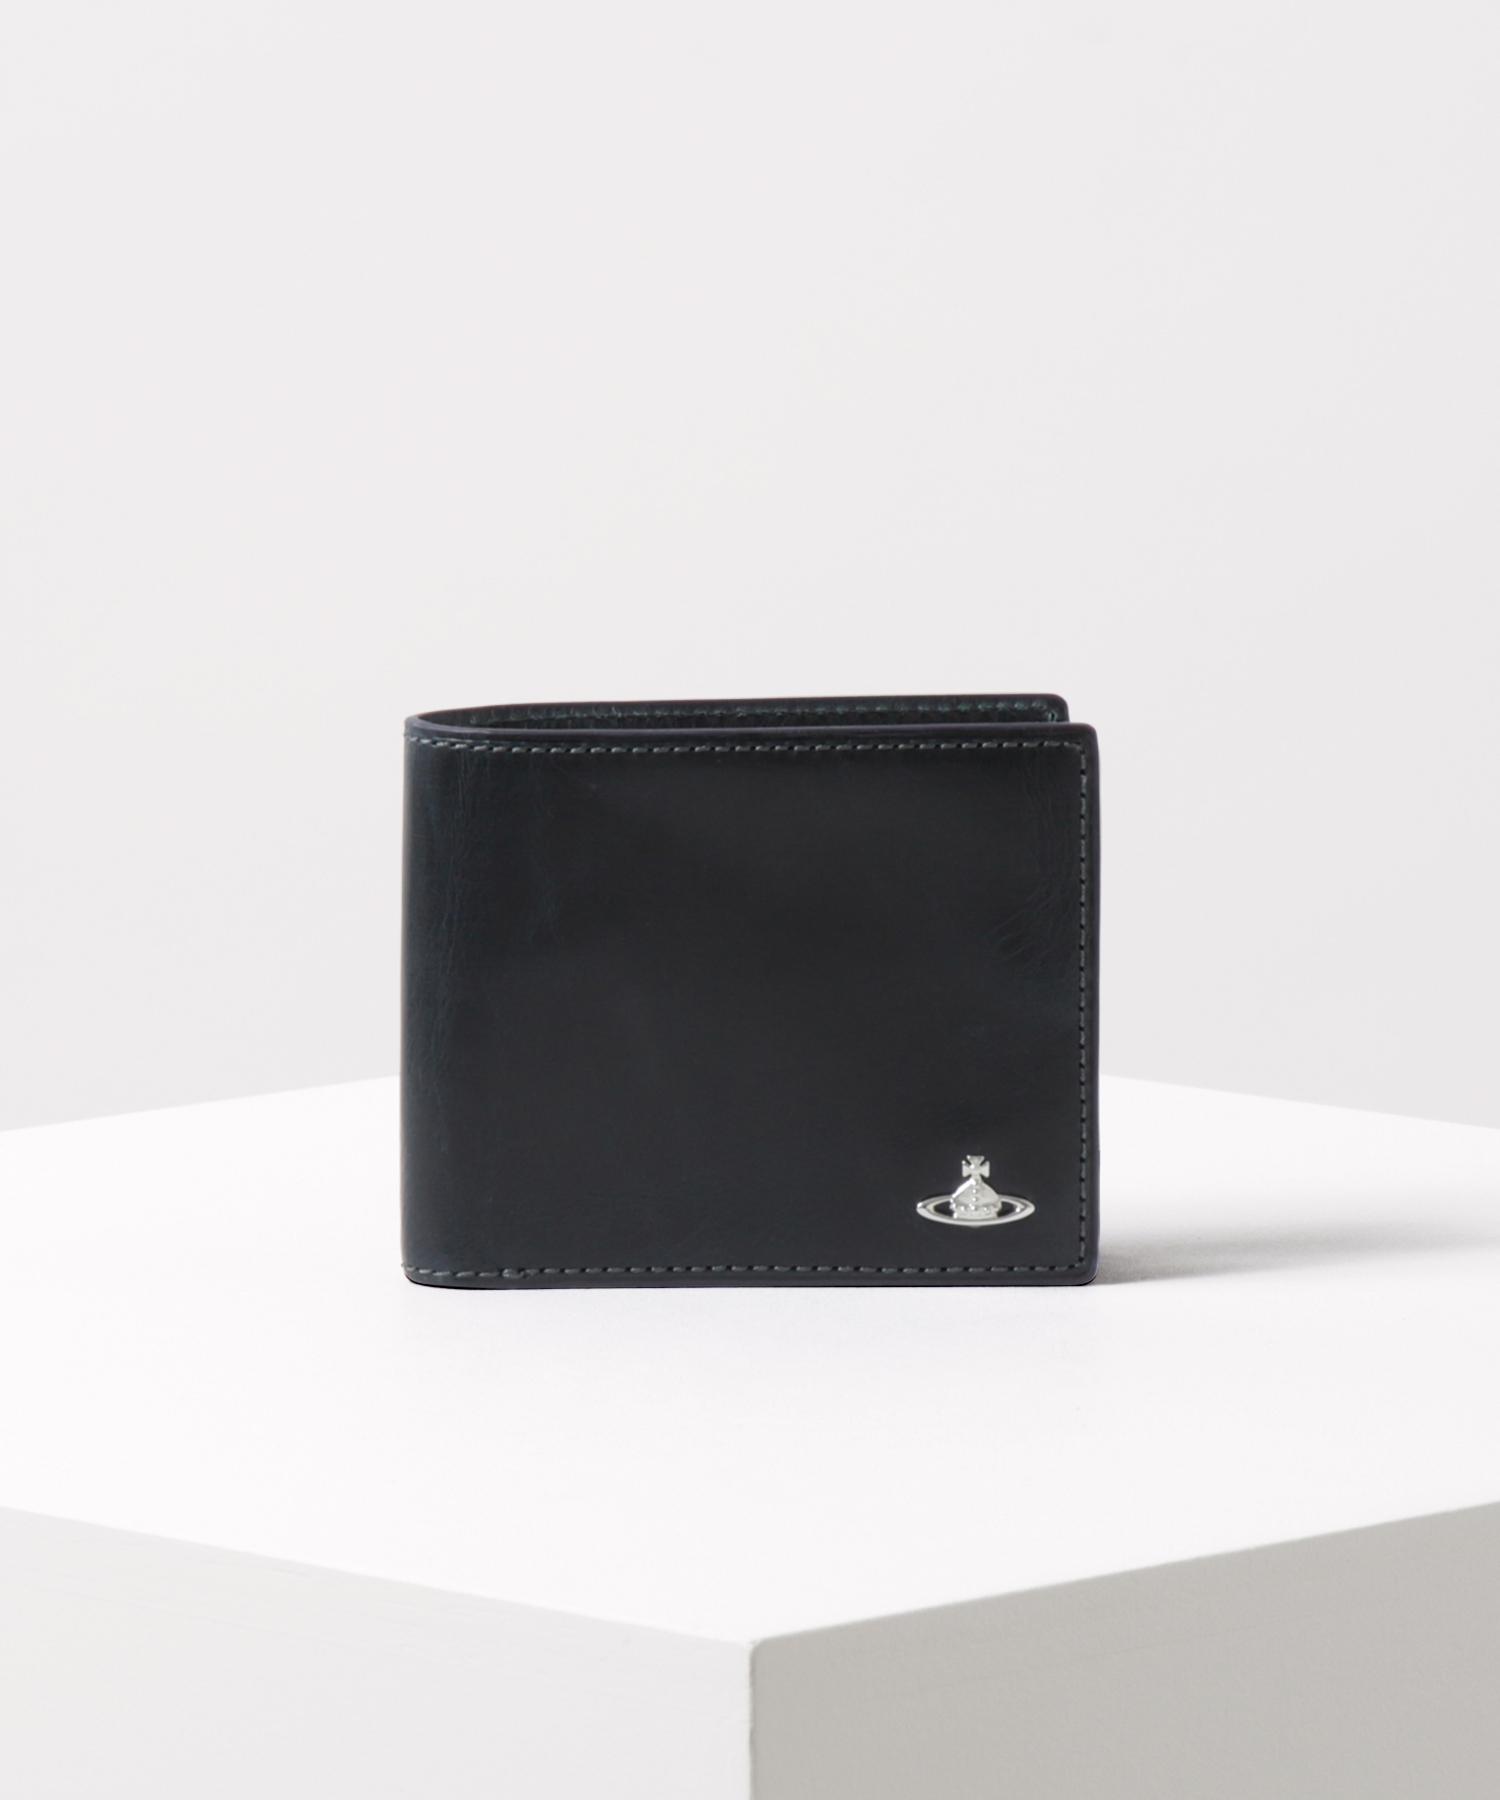 ハードプルアップ 二つ折り財布